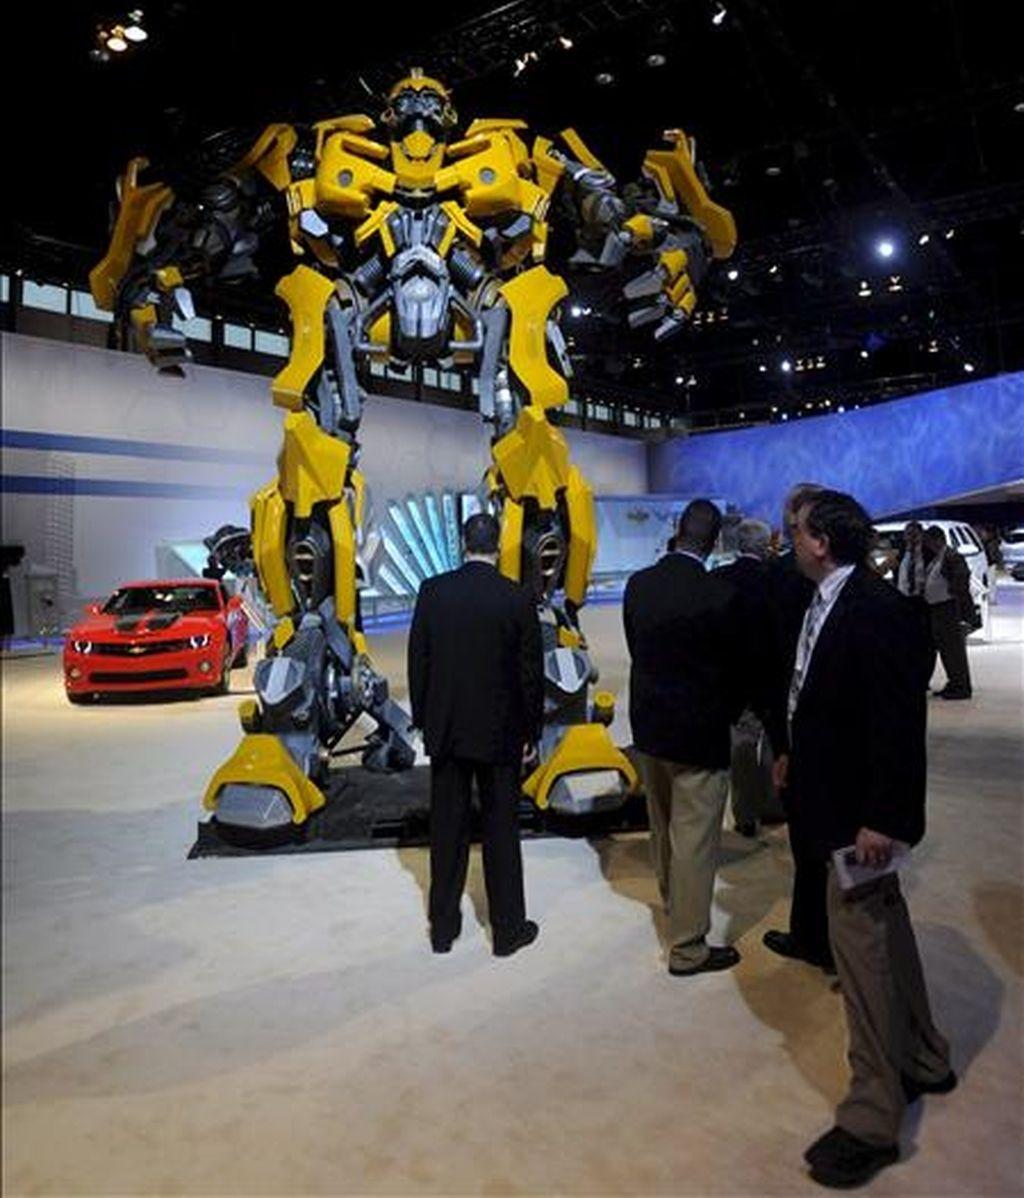 """Varias personas observan al personaje """"Bumble Bee"""" de Transformers en el Salón del Automovil de Chicago. EFE"""